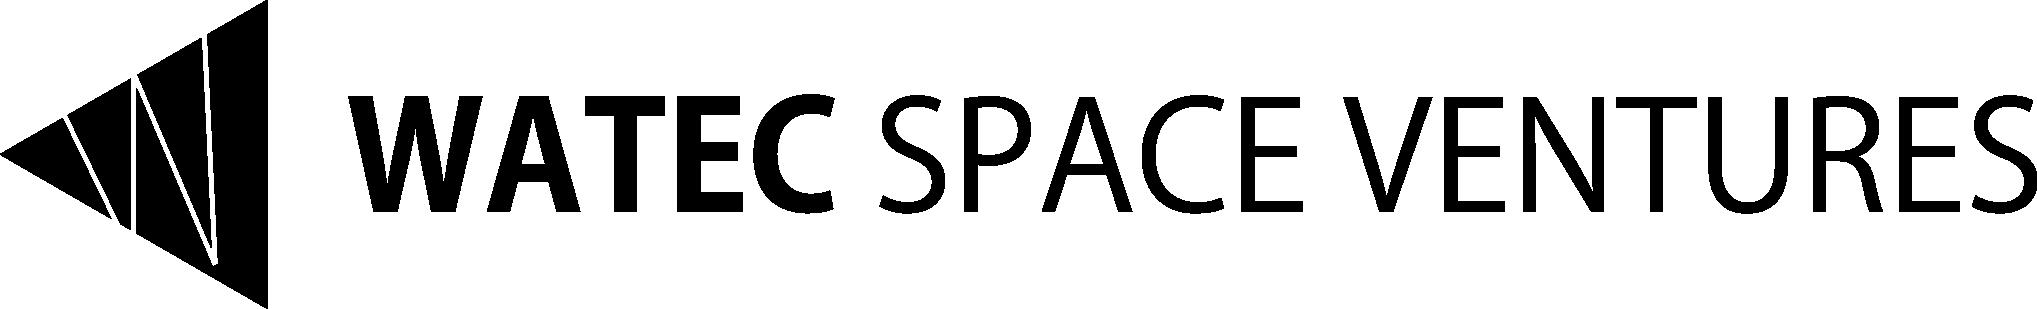 ワテックスペースベンチャーズ株式会社 / WATEC SPACE VENTURES INC.